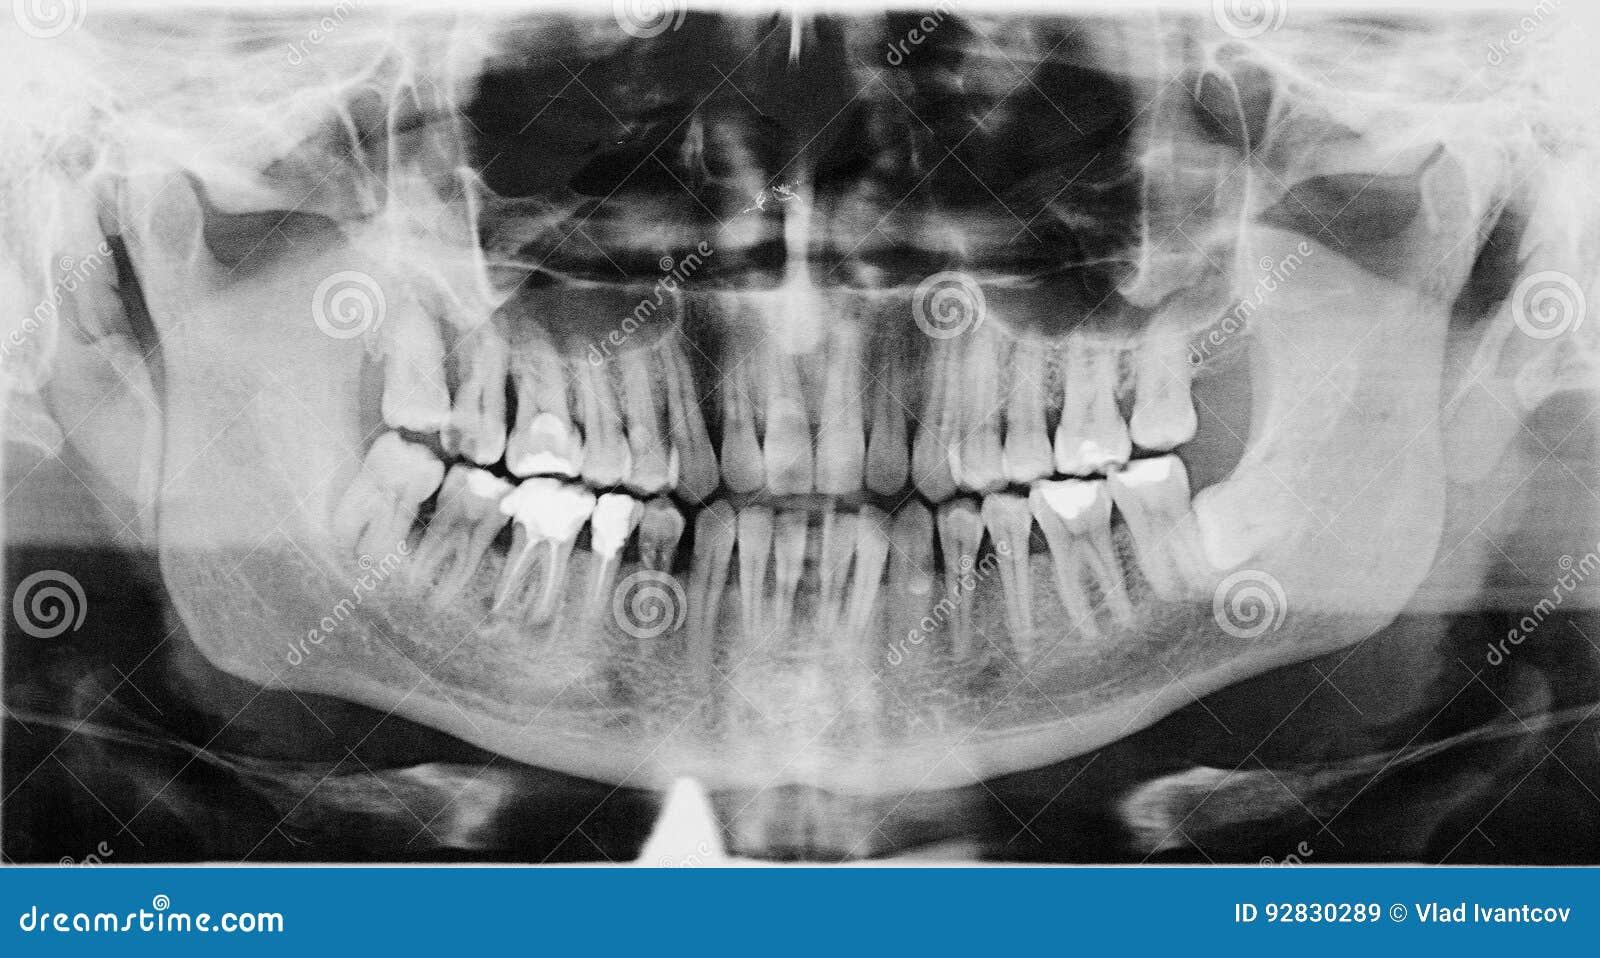 Radiografía Dental Panorámica Imagen de archivo - Imagen de dental ...